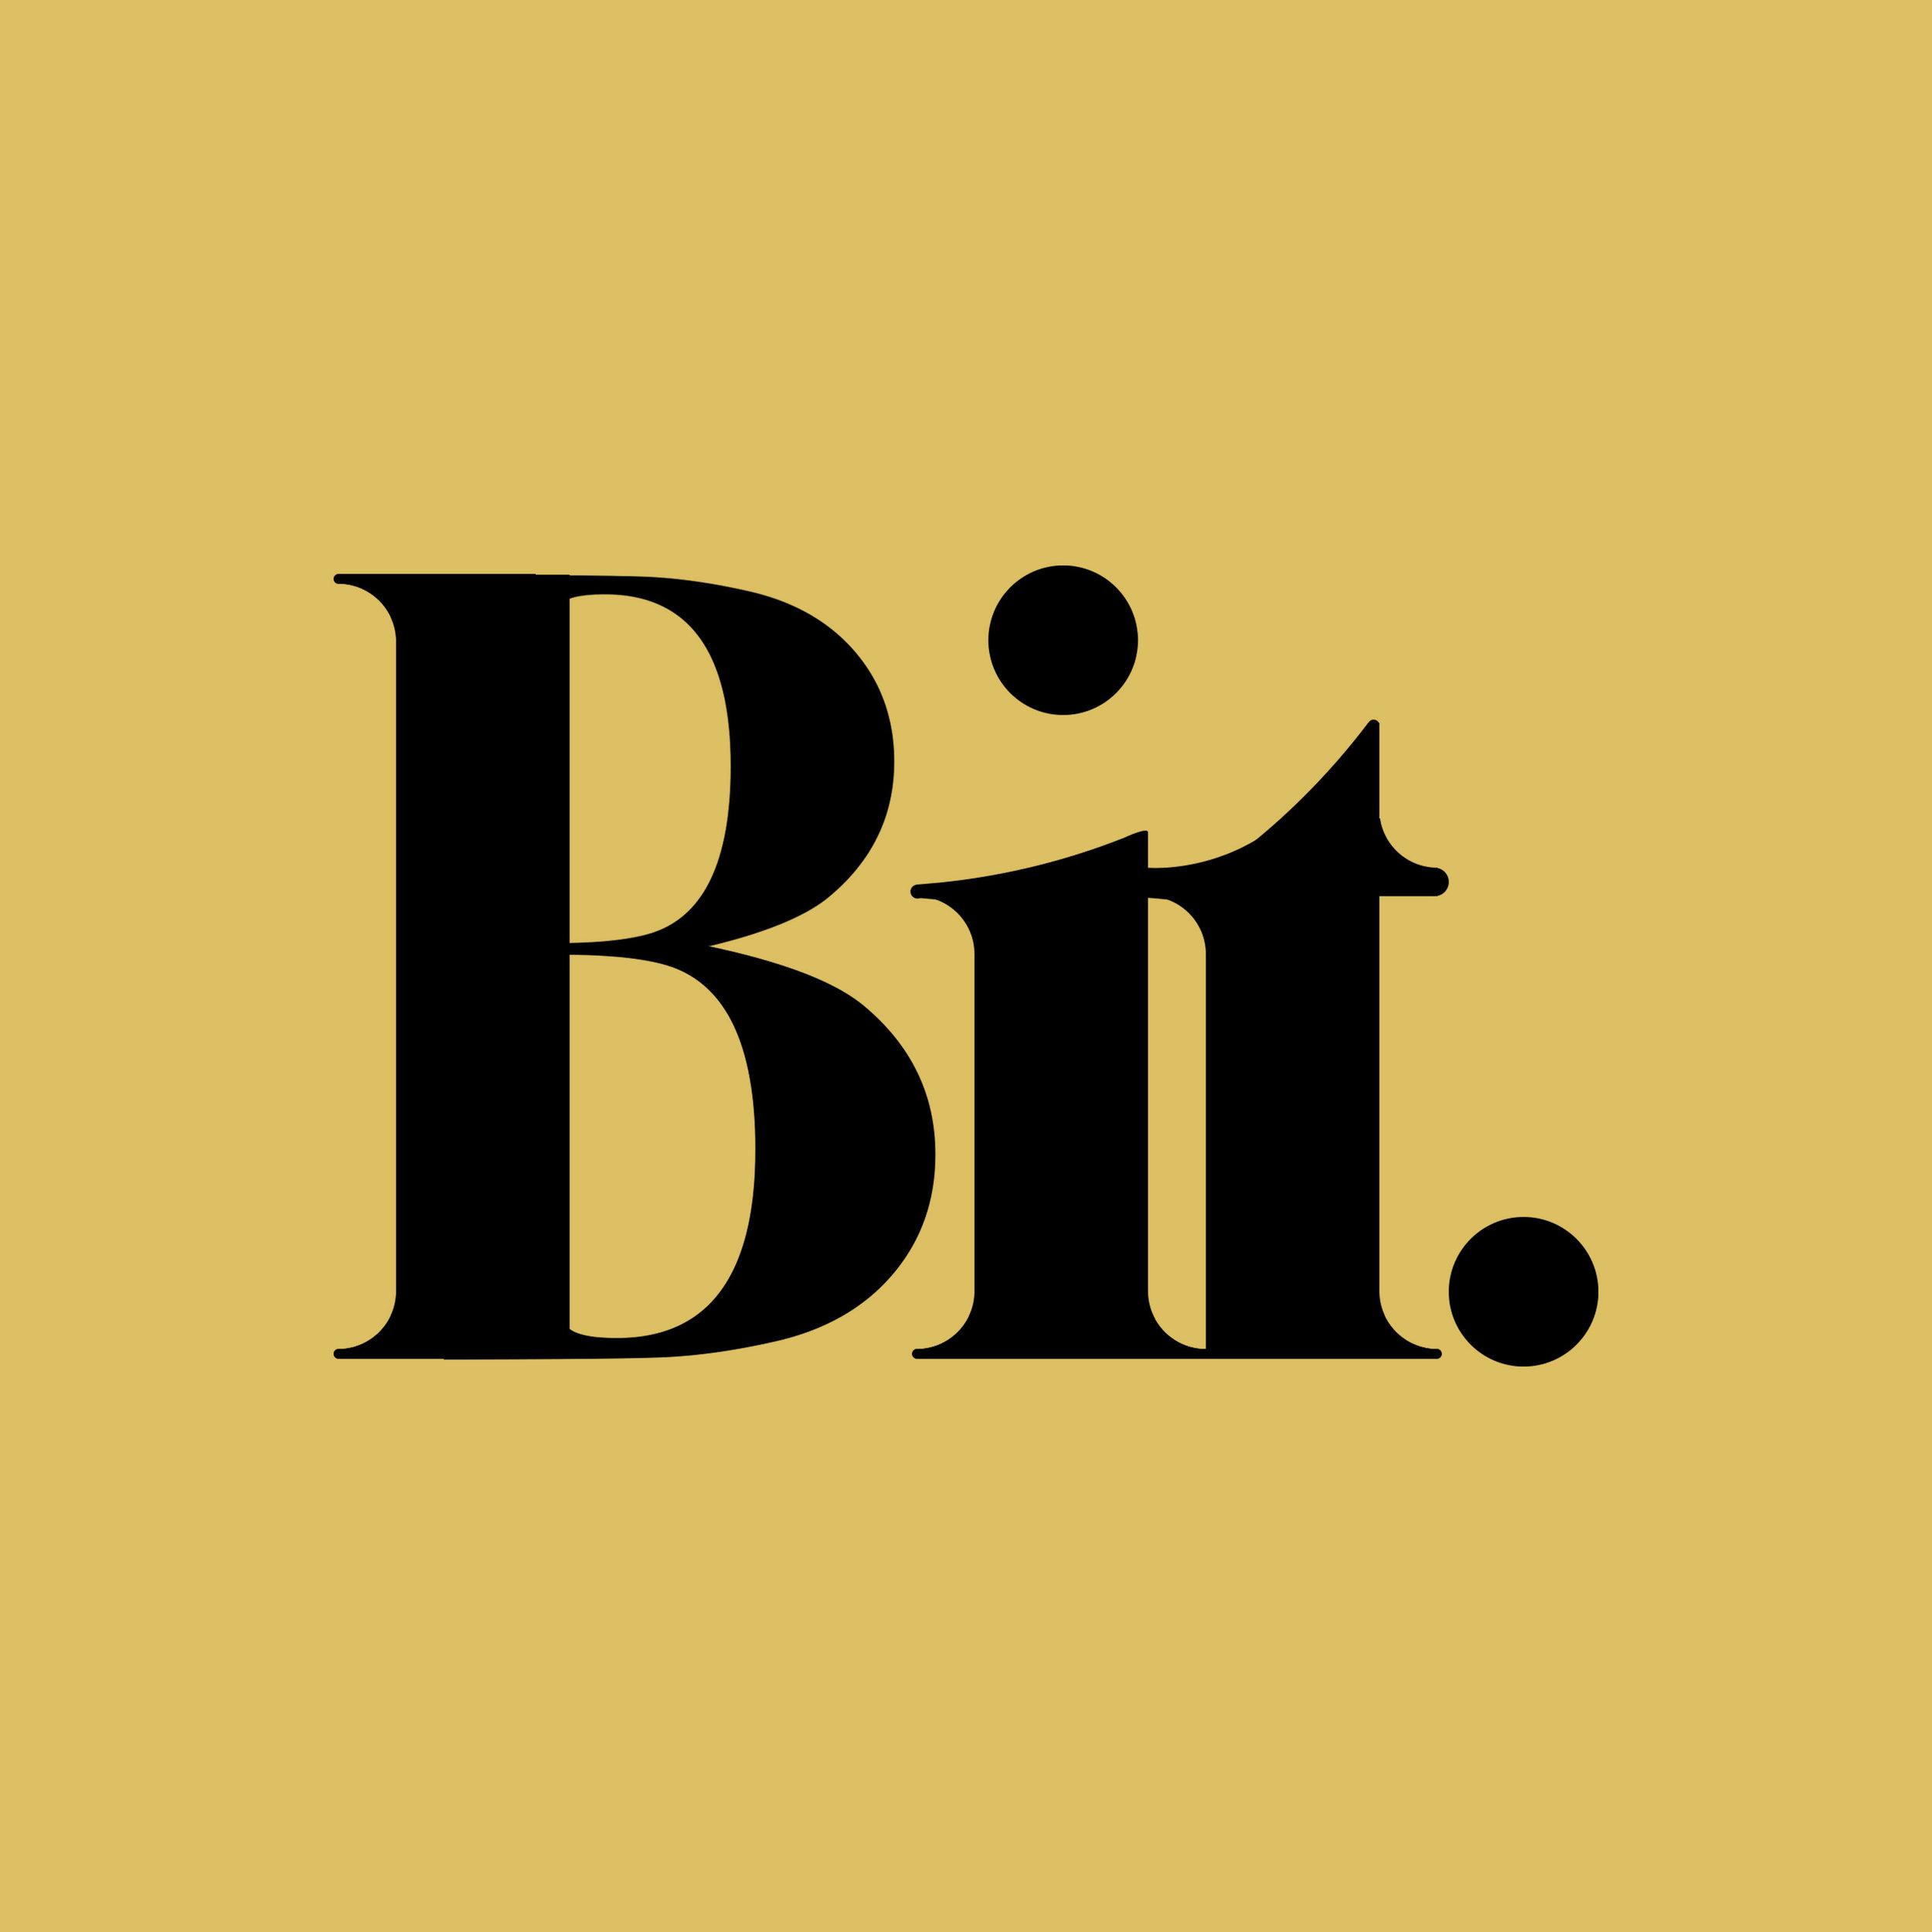 BIT-IG-AVI.jpg